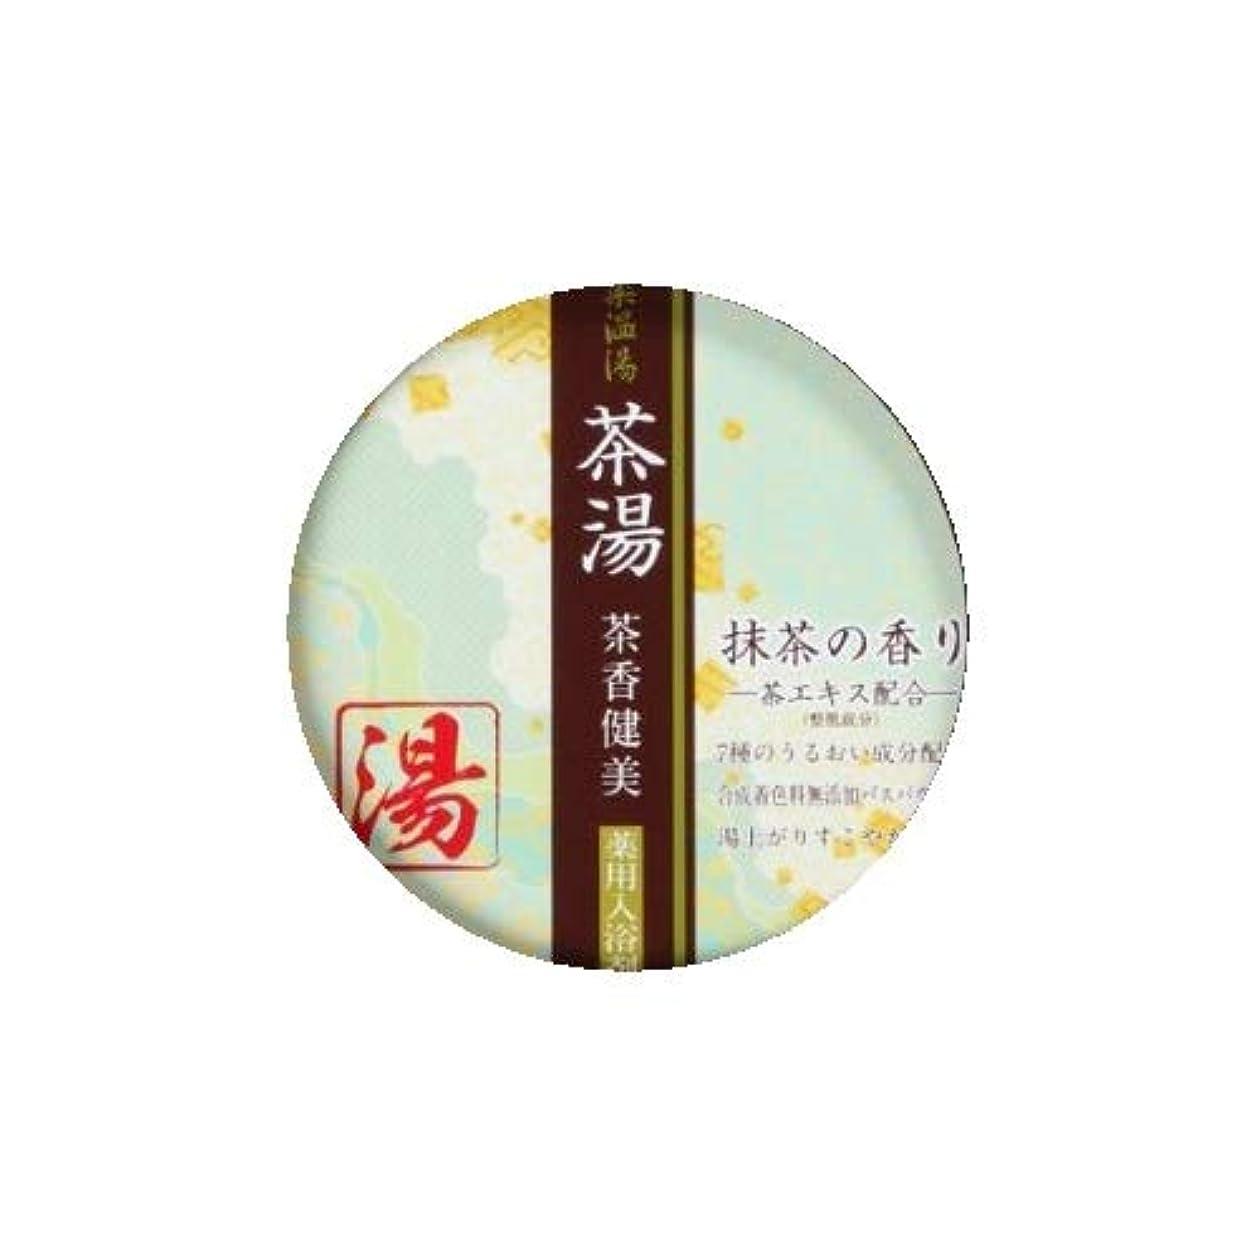 広くジャベスウィルソン牧師薬温湯 茶湯 入浴料 抹茶の香り POF-10M